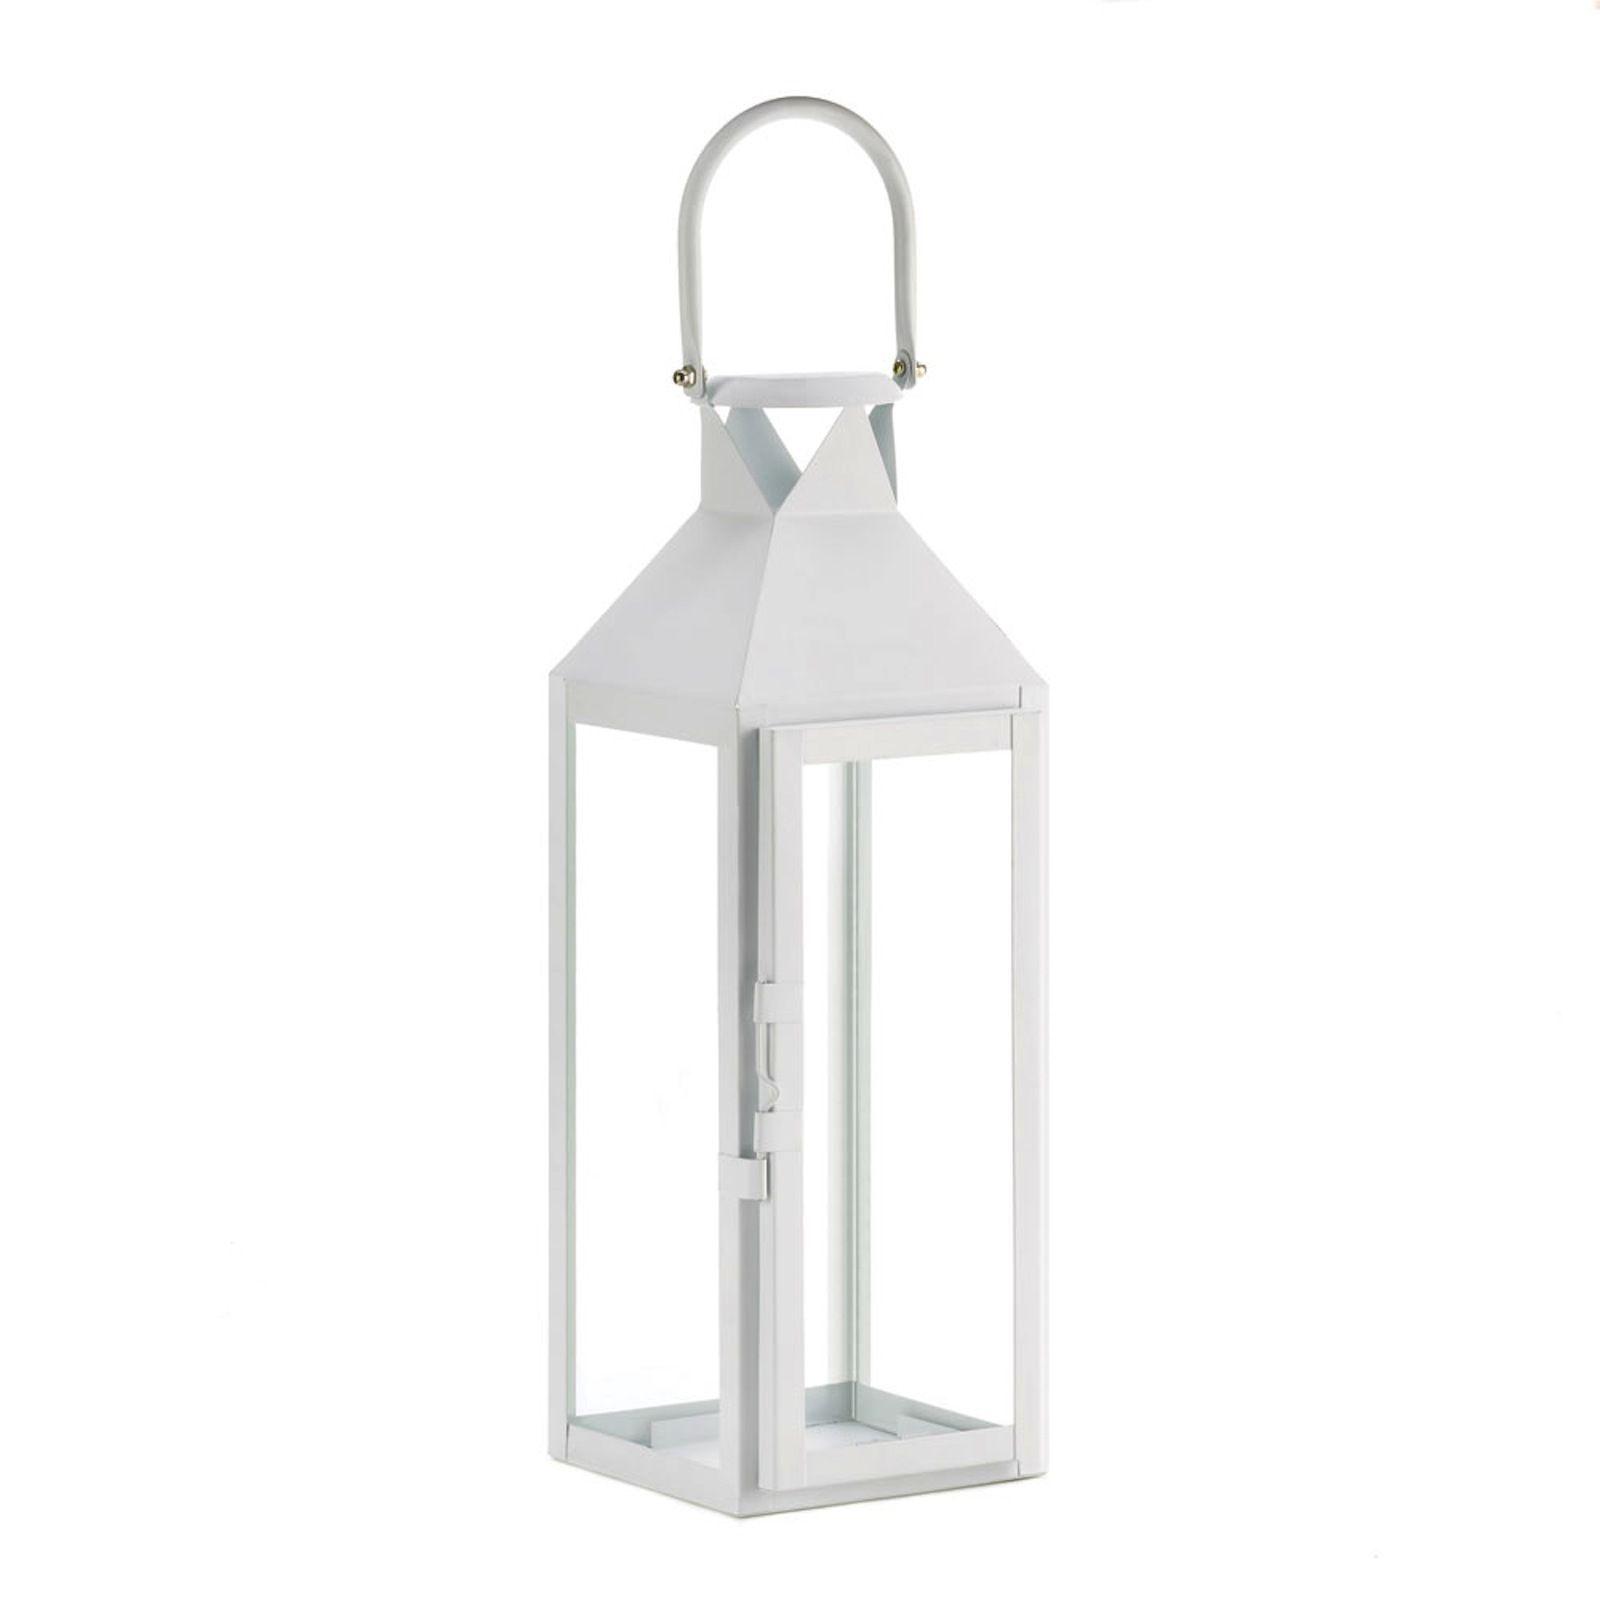 2 Large White Candle Lantern Wedding and 50 similar items